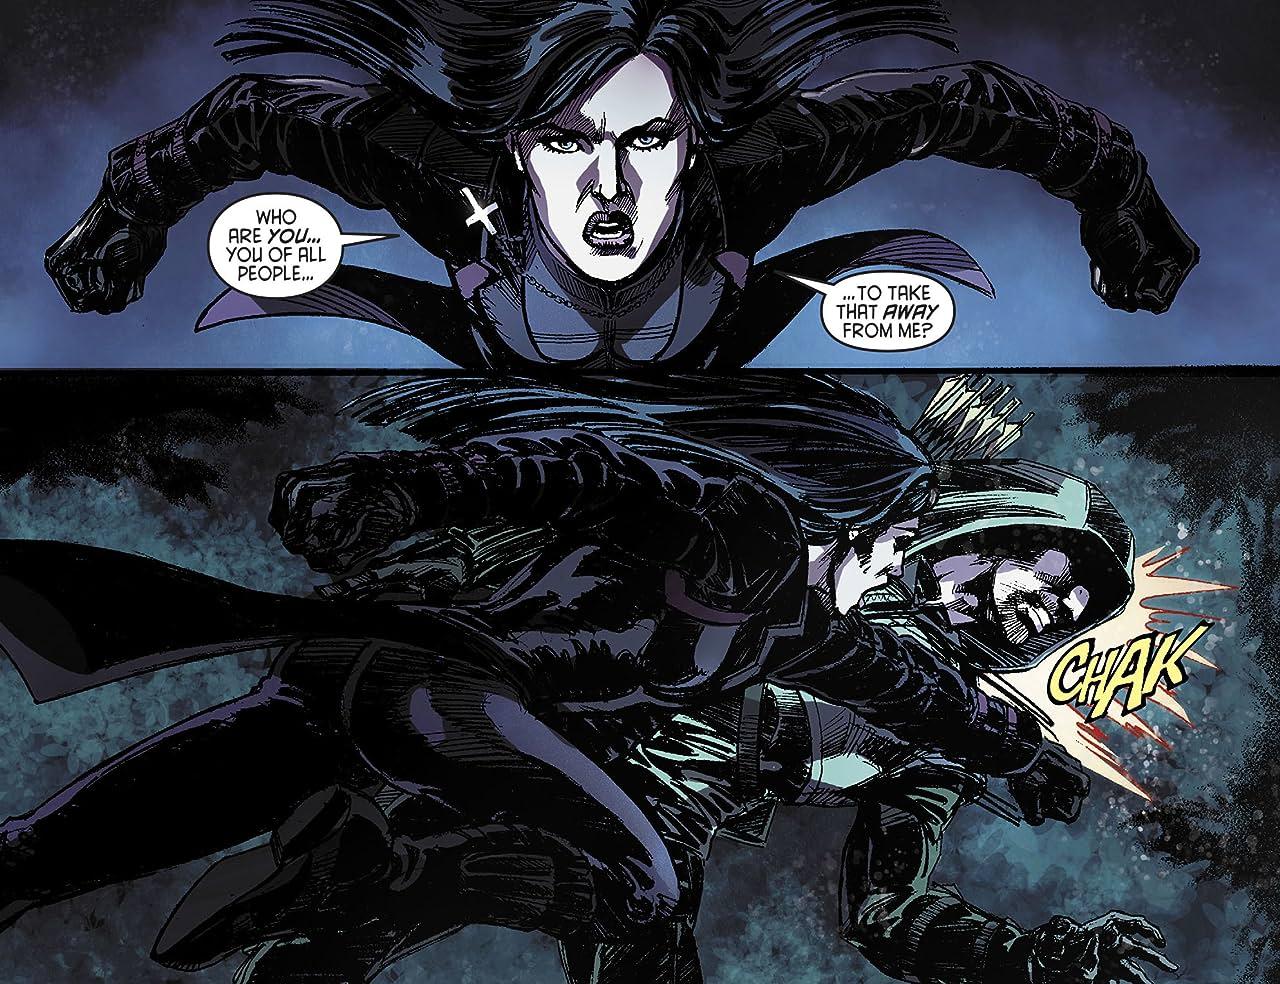 Arrow (2012-2013) #11